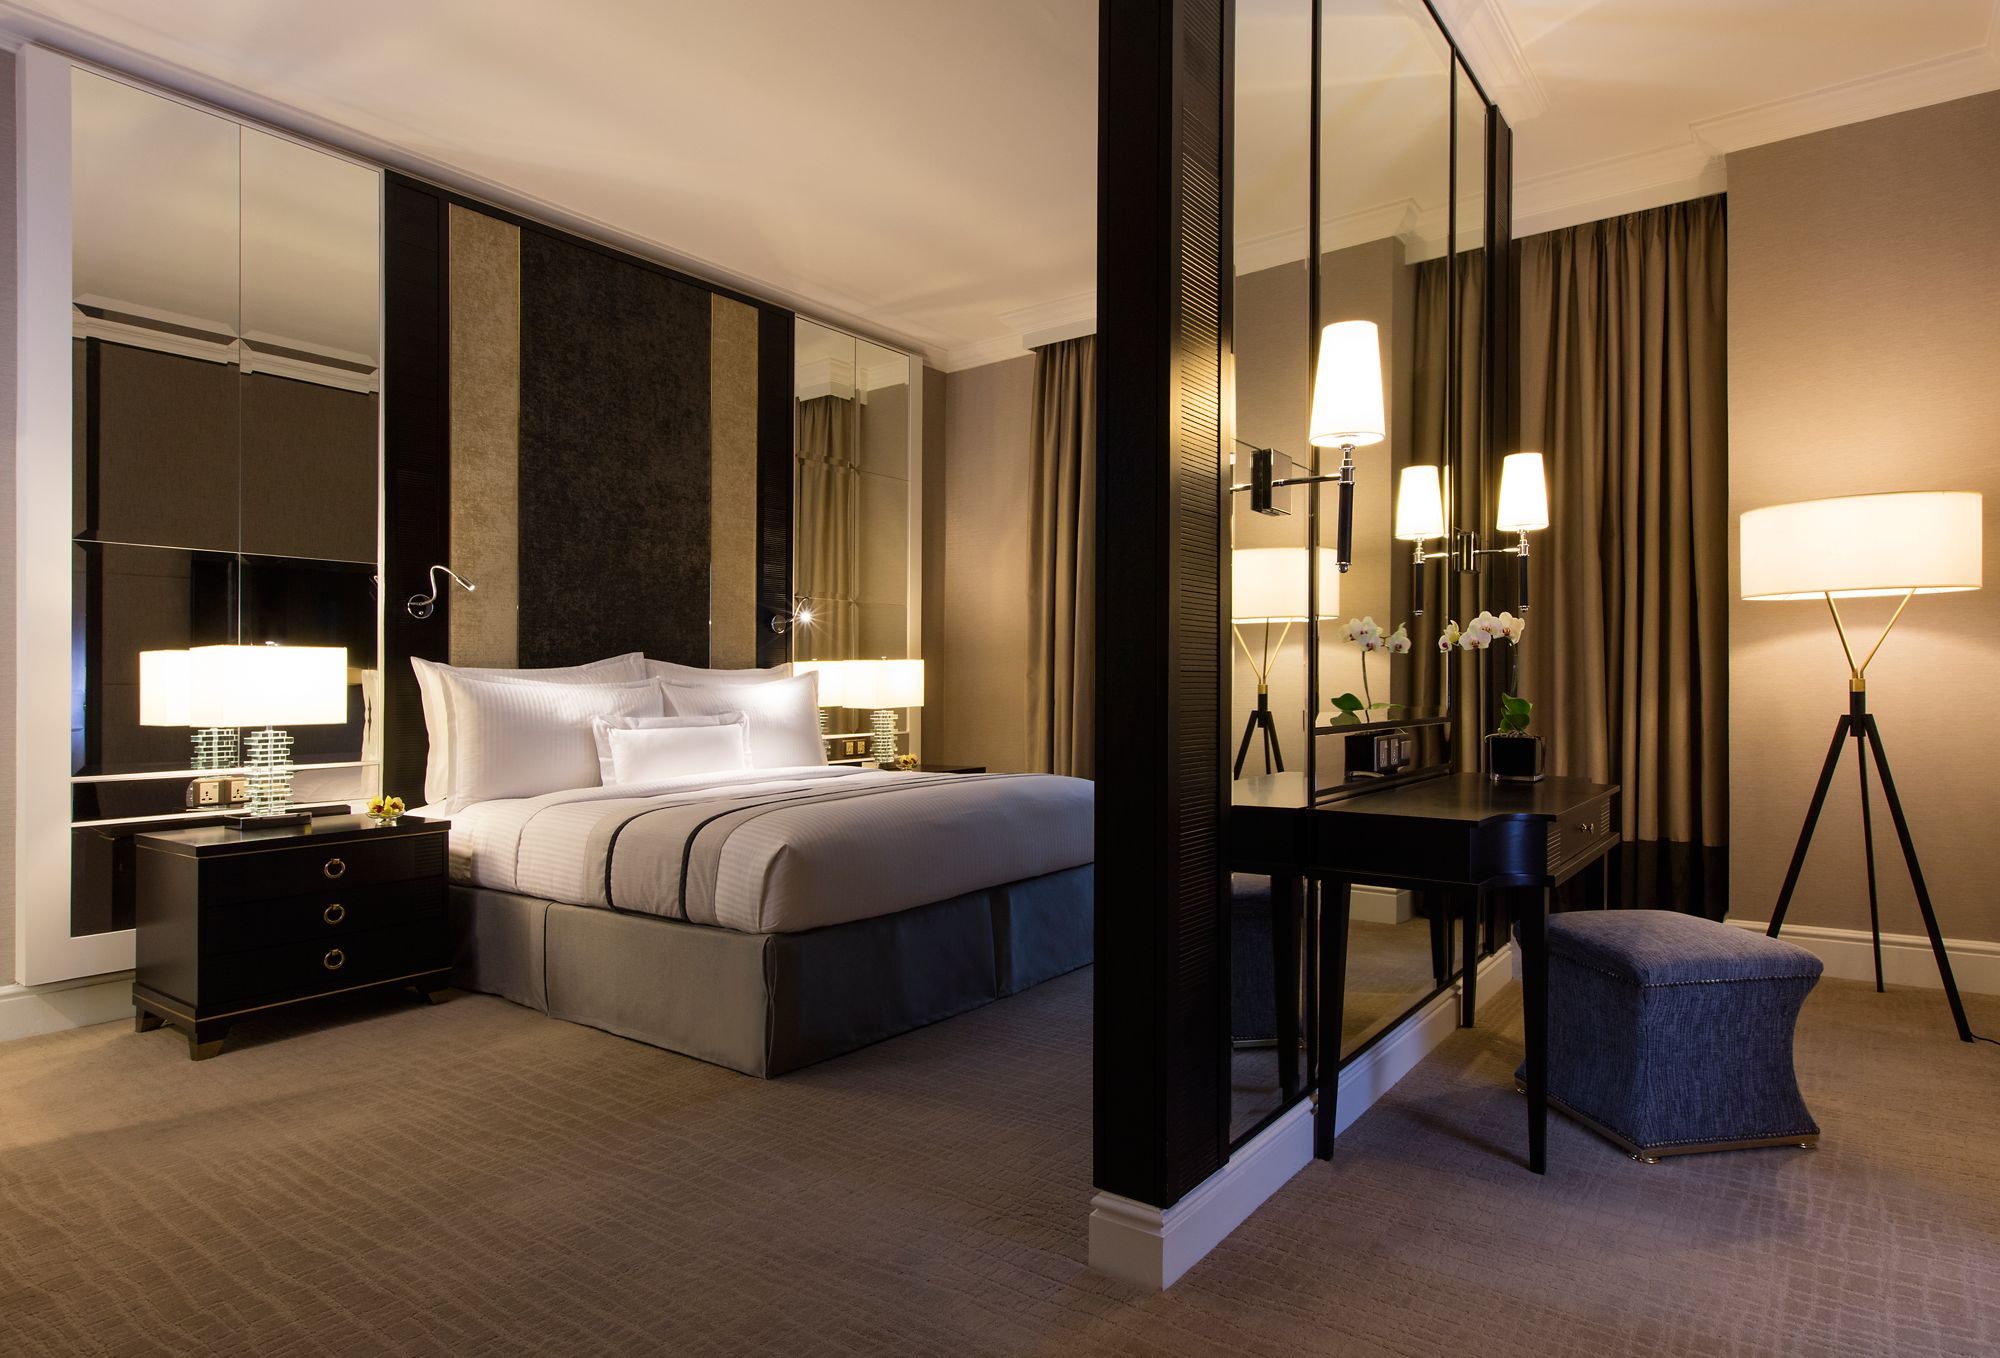 One Bedroom Suite in Malaysia   The Ritz-Carlton, Kuala Lumpur